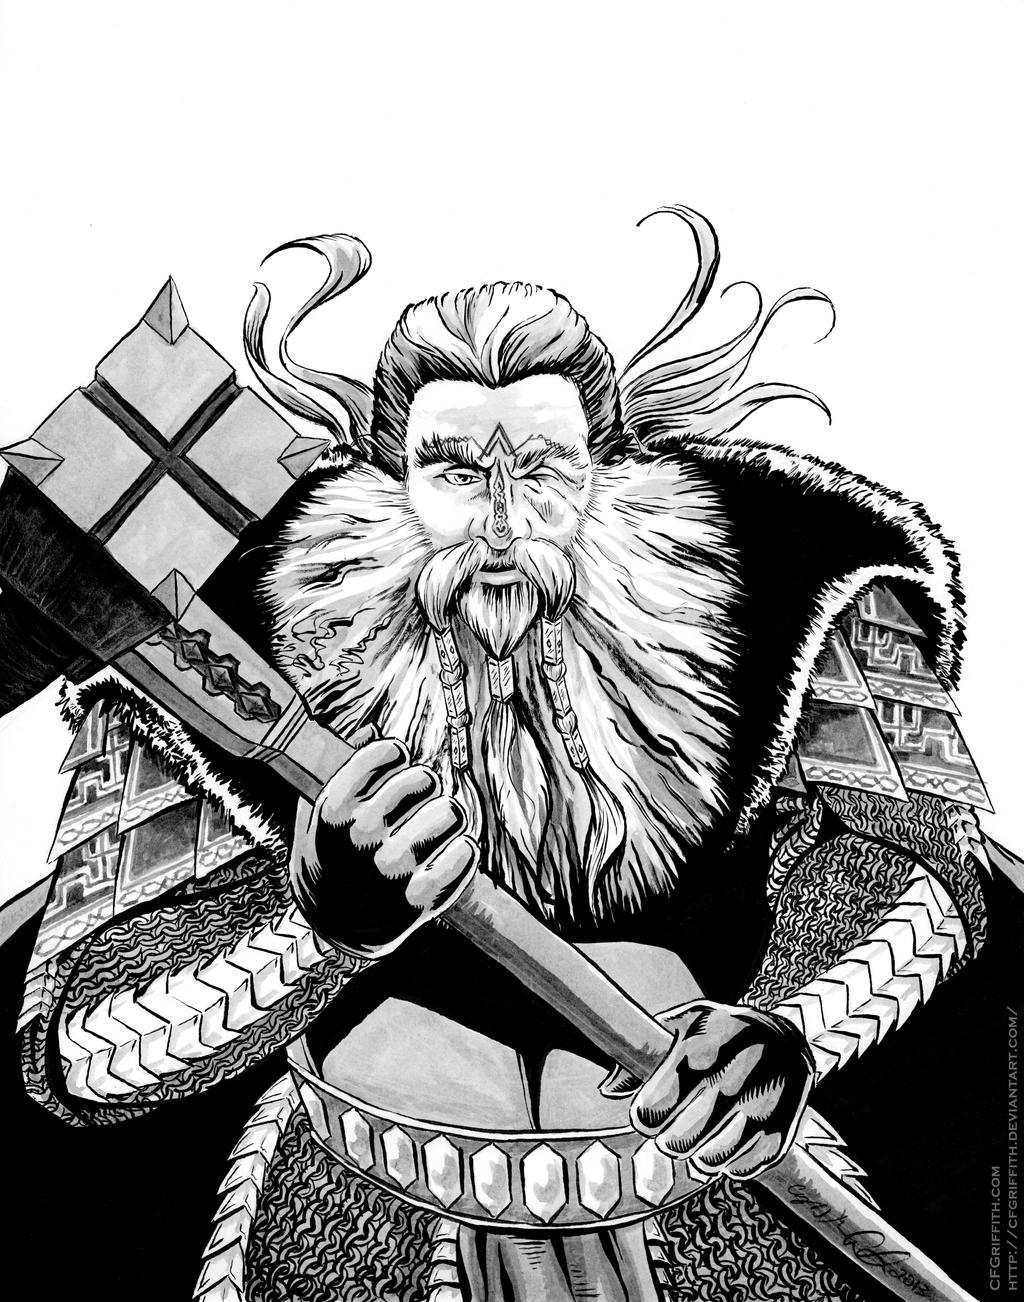 Thrain, son of Thror